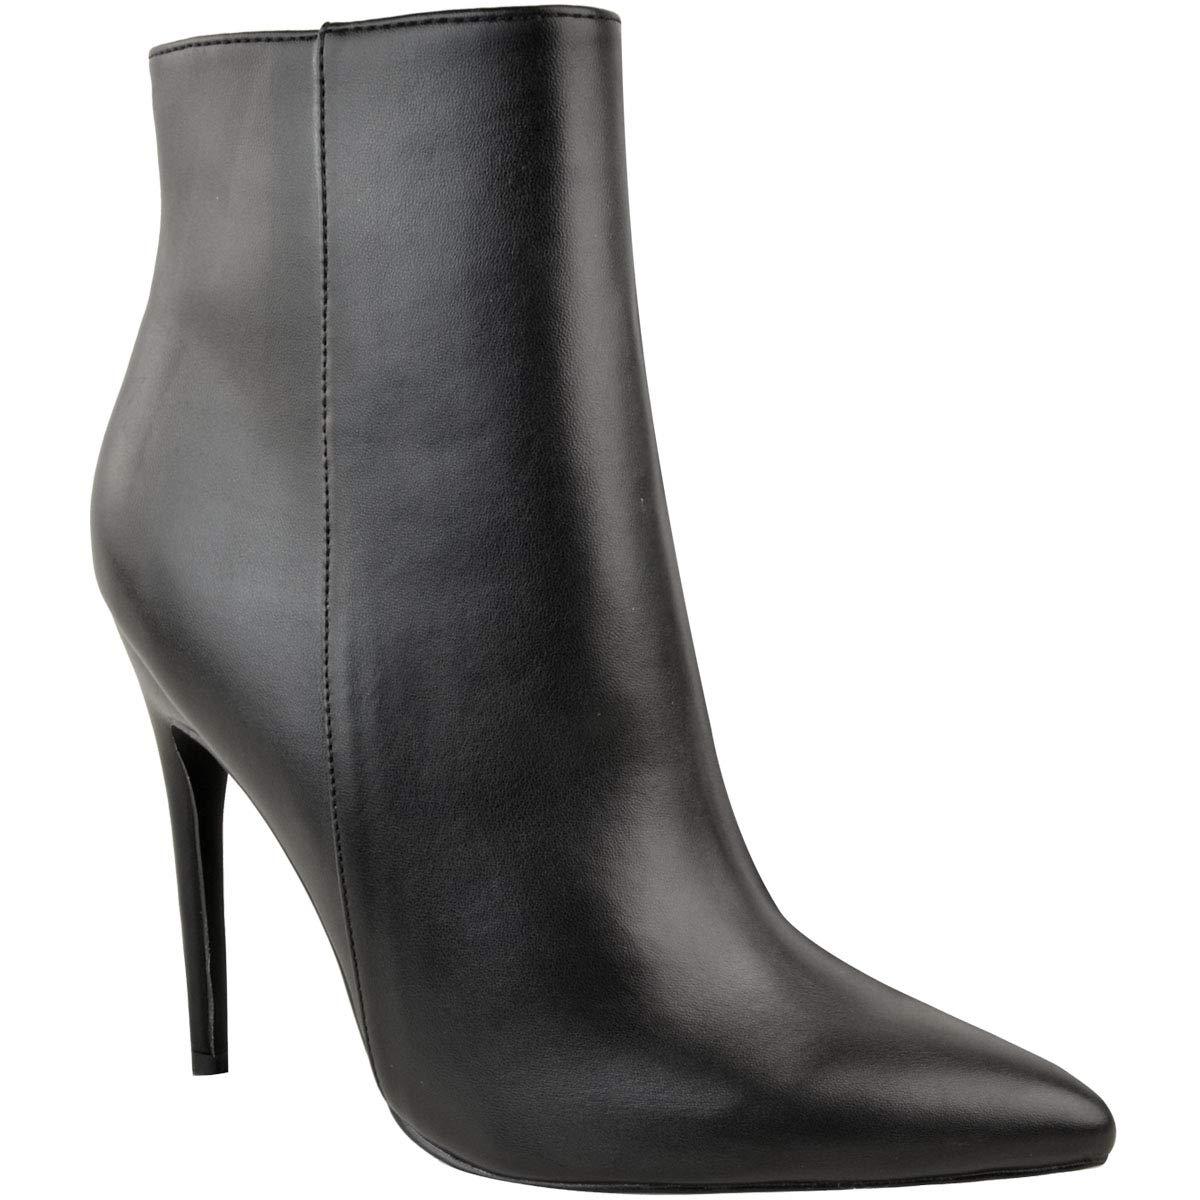 Fashion Thirsty Heelberry Mujer Elegante Oficina Botines Negros Sexy Tacón de Aguja Cremallera: Amazon.es: Zapatos y complementos